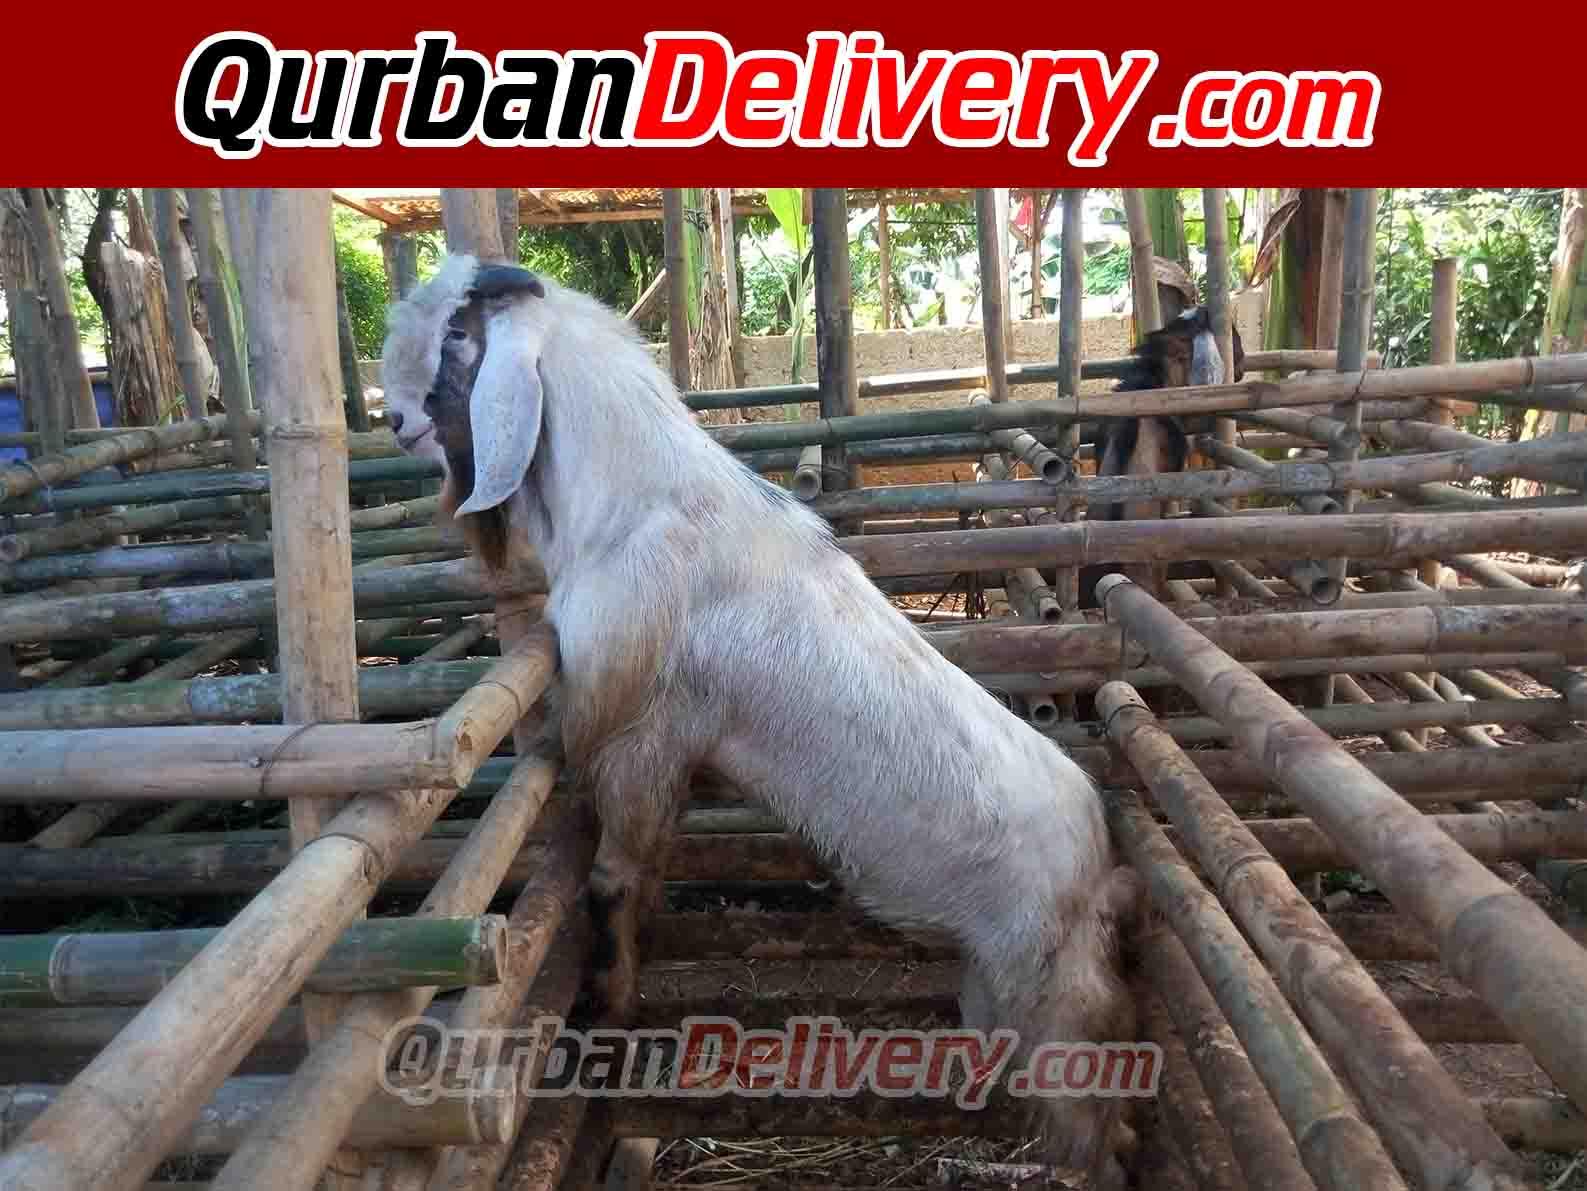 Jual Sapi Limosin Qurban Di Bekasi Prediksi 2020-Qurban Delivery